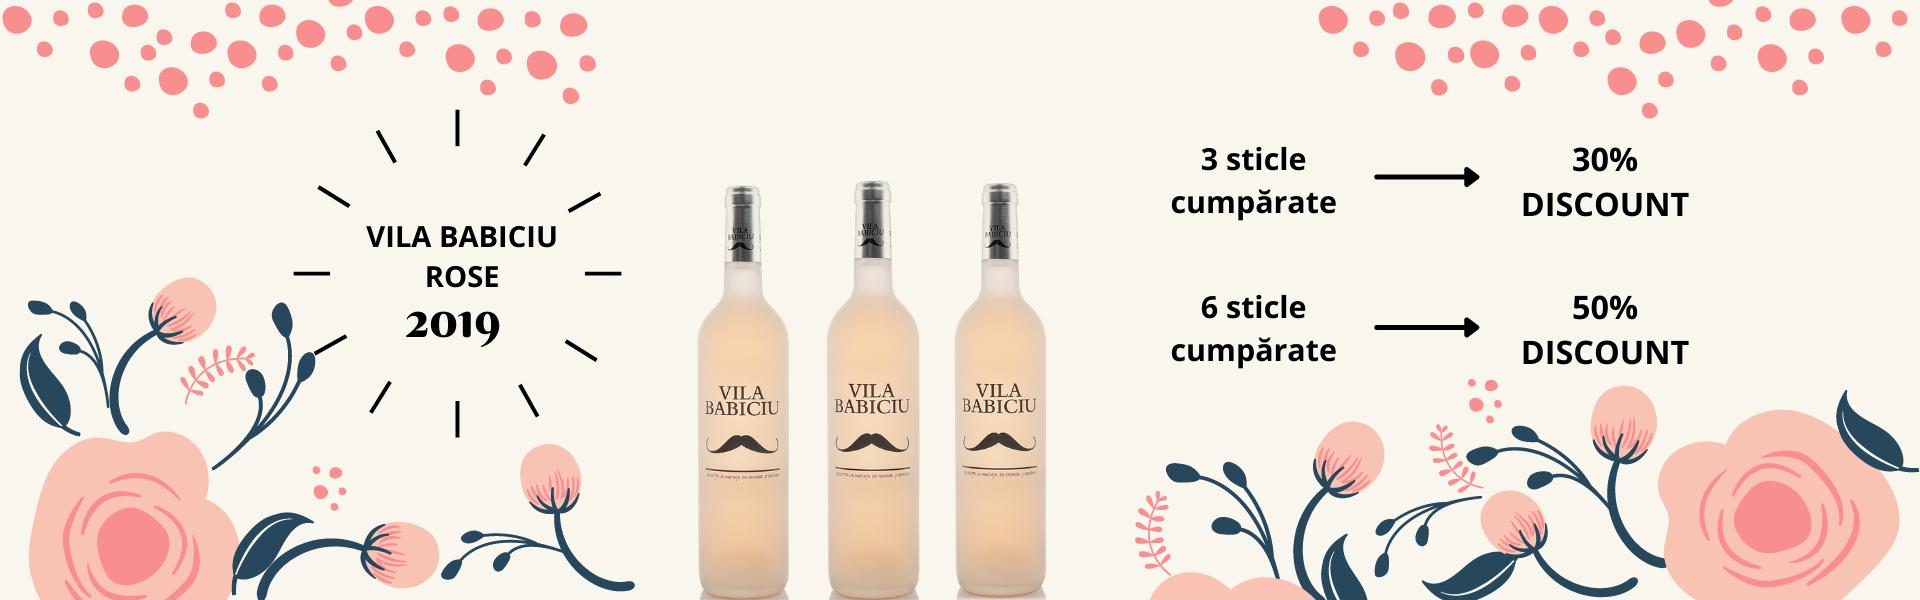 Discount Vila Babiciu rose